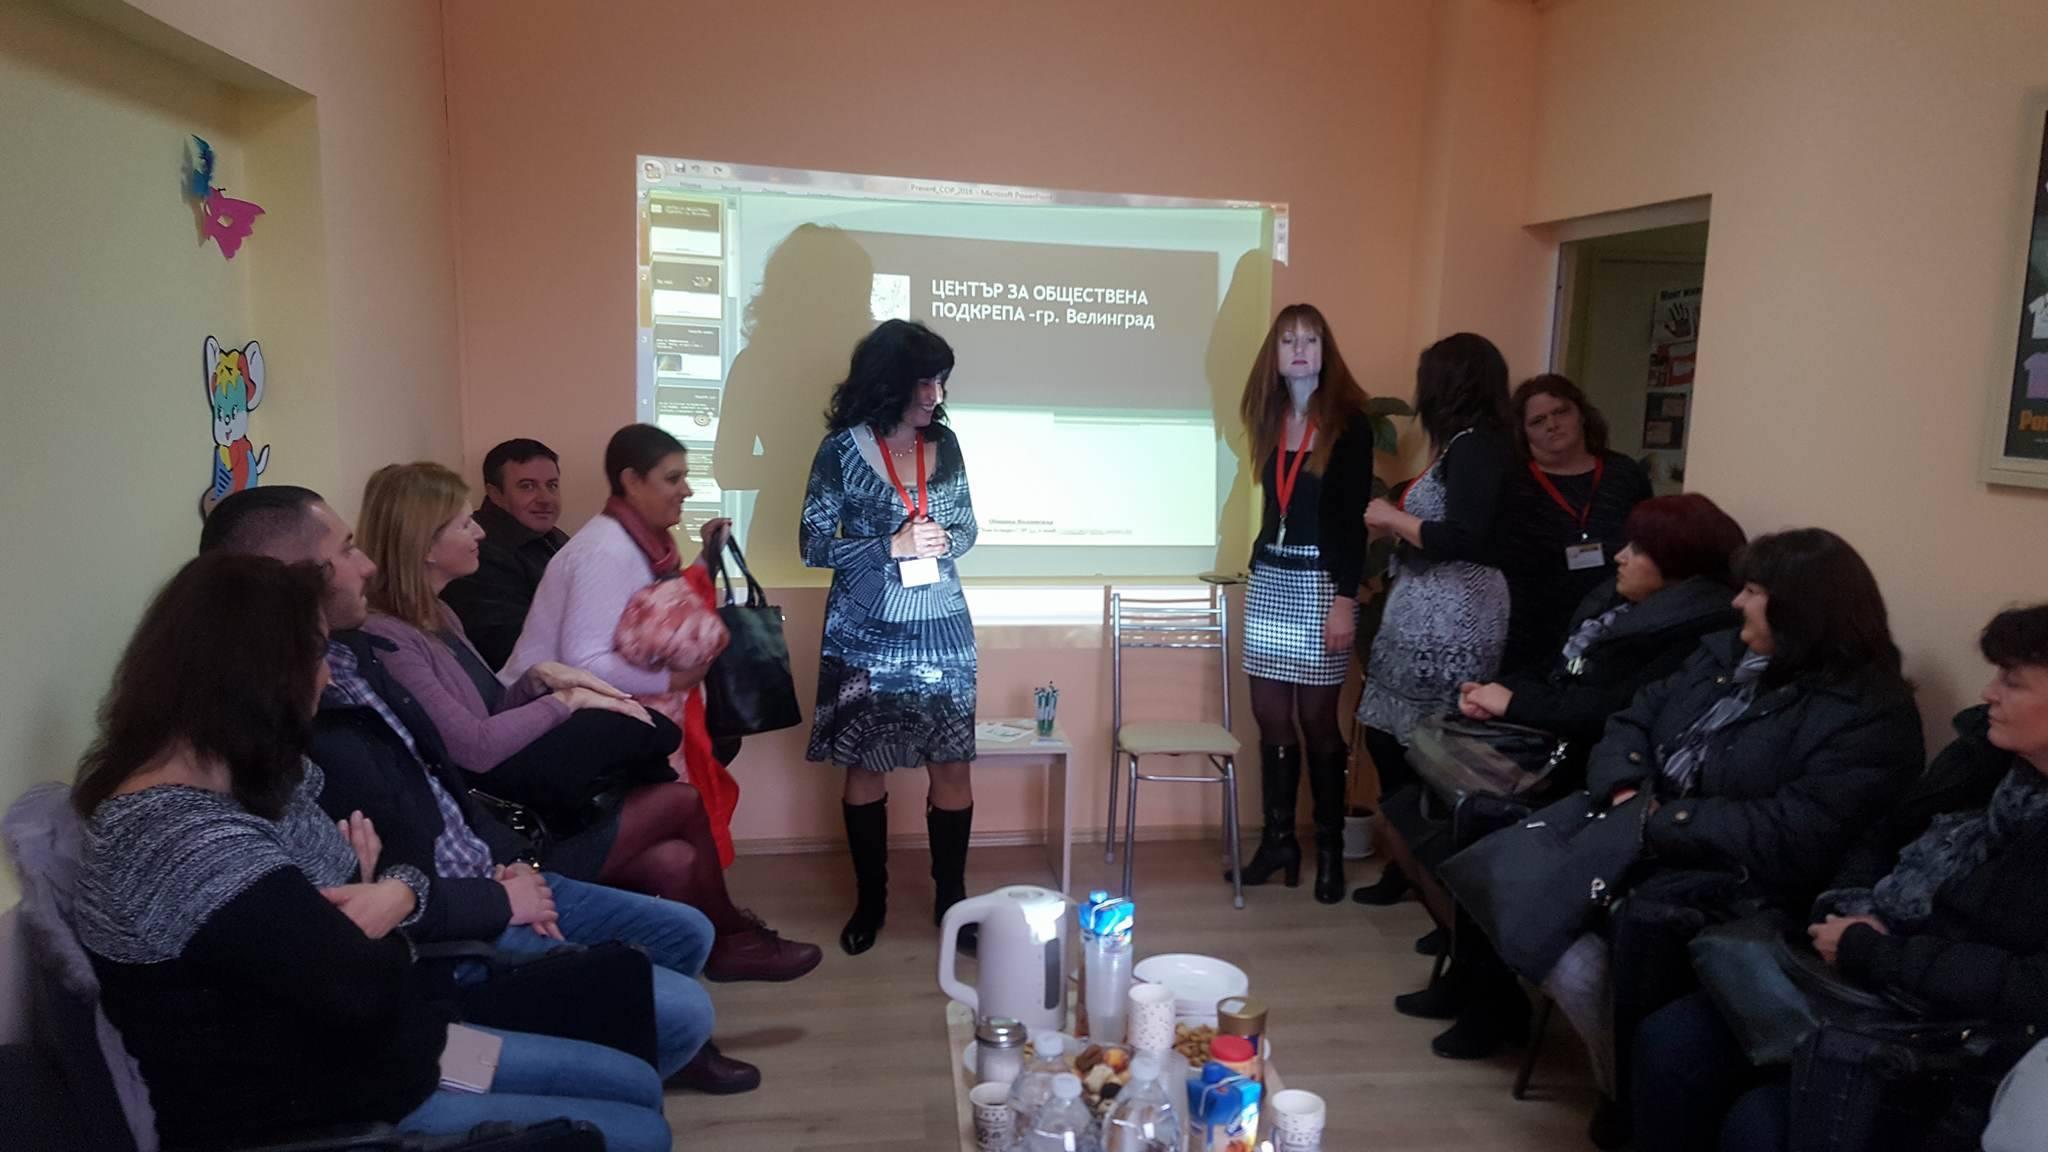 Ден на отворените врати в Център за обществена подкрепа – Велинград